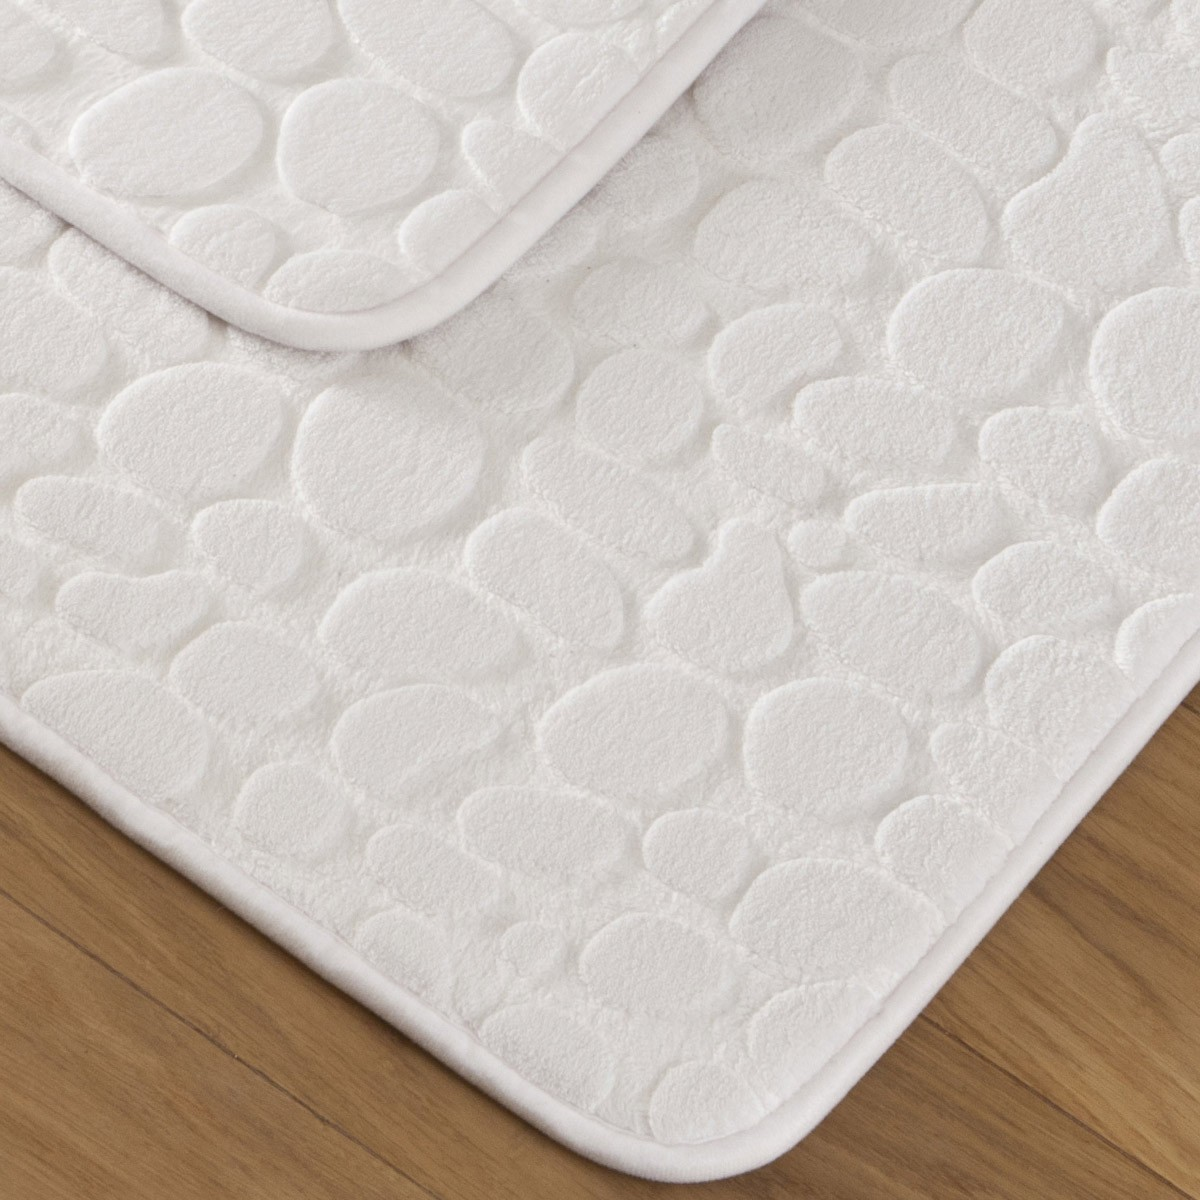 tapis bain galet blanc linge de maison de qualit tradition des vosges. Black Bedroom Furniture Sets. Home Design Ideas